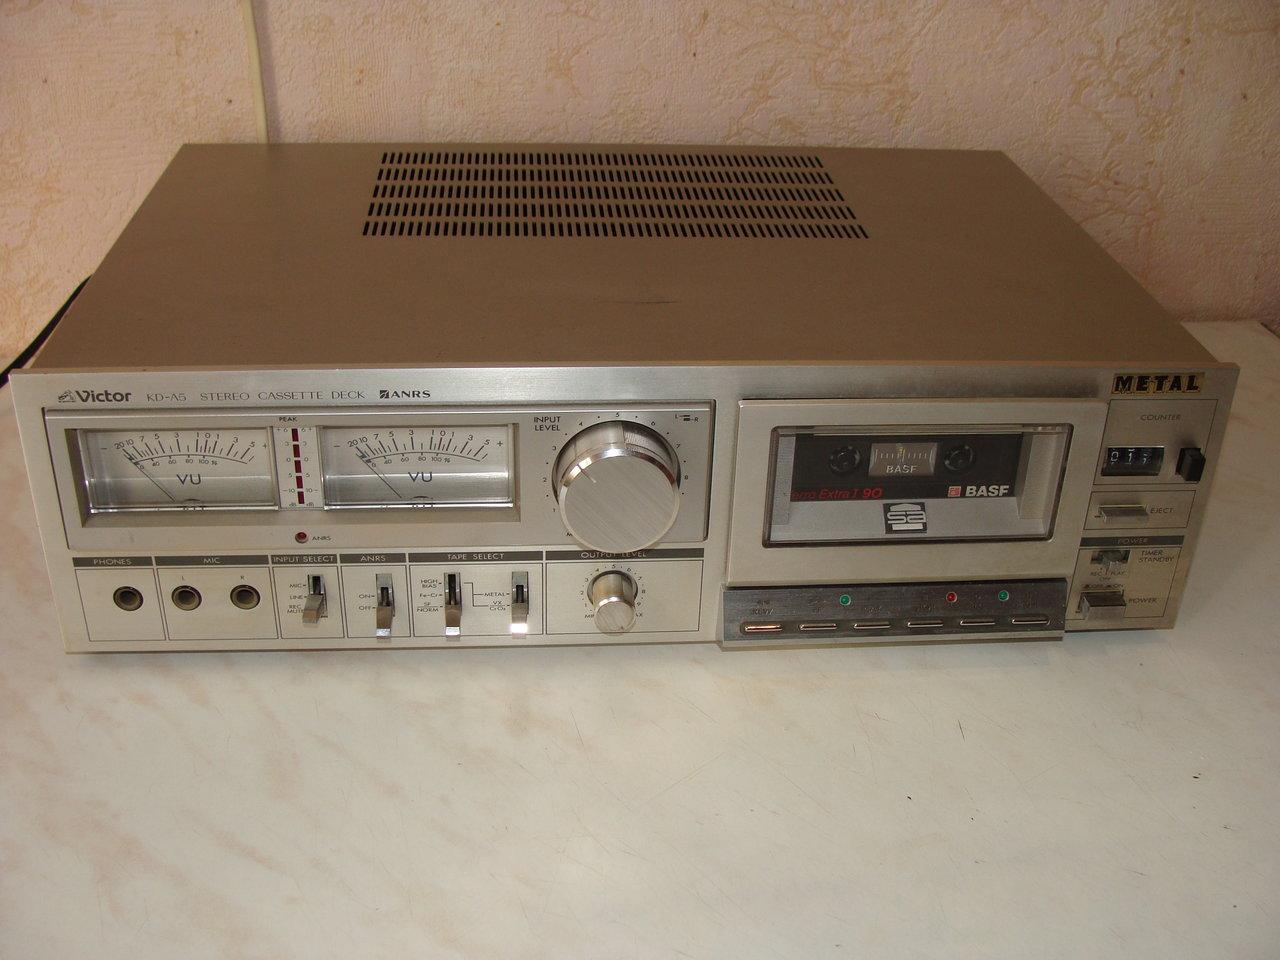 Душа запросила японский кассетничек симпатичный до 80-х